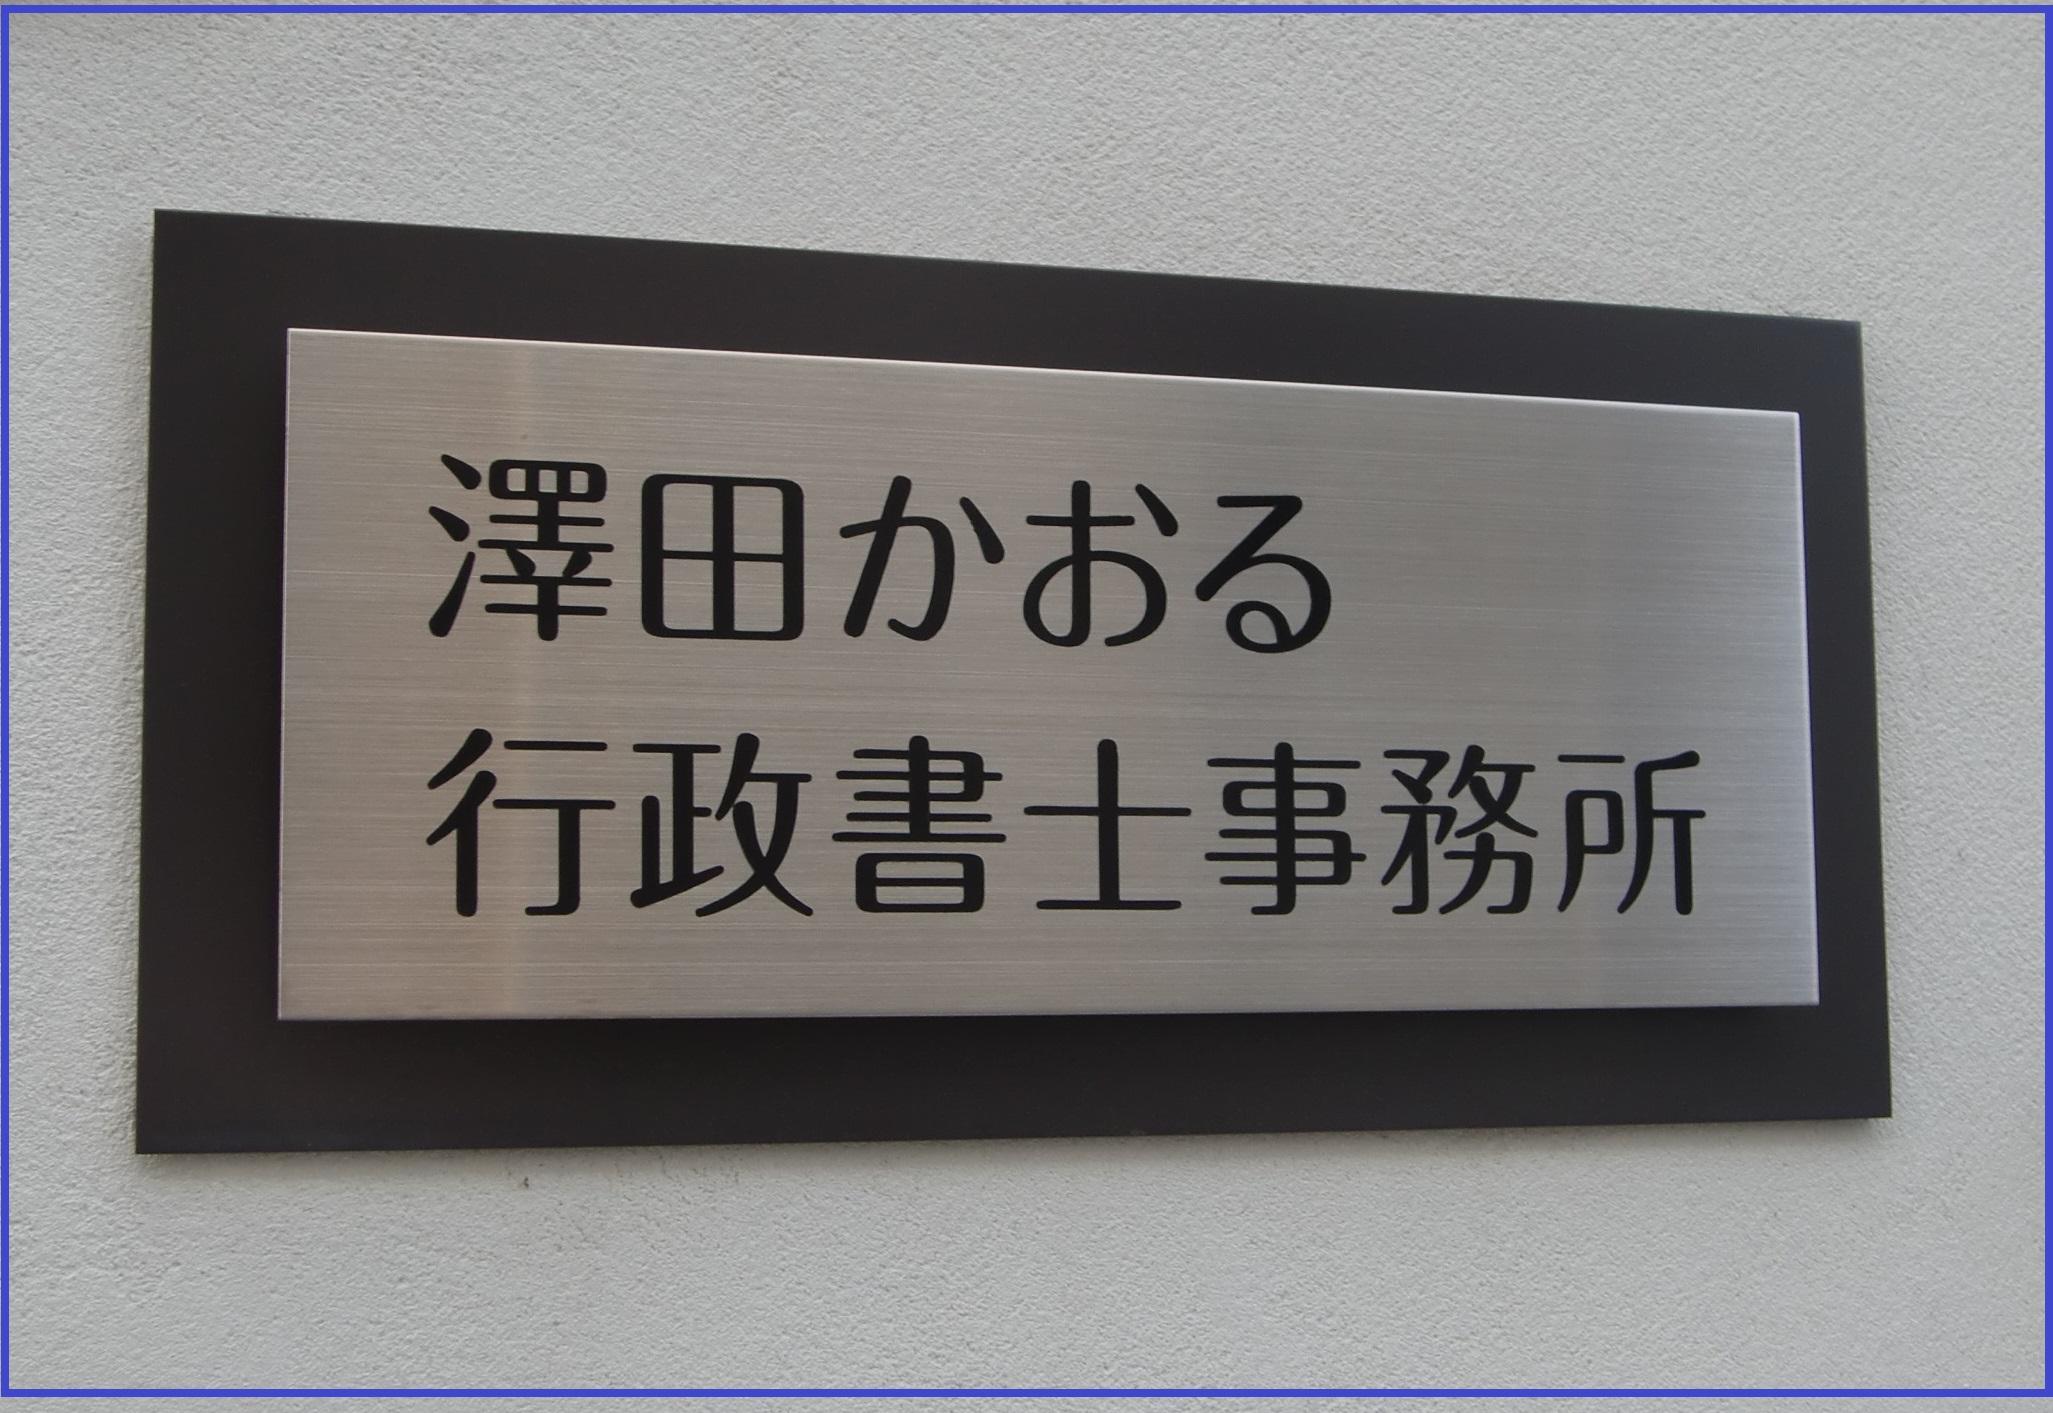 事務所情報イメージ